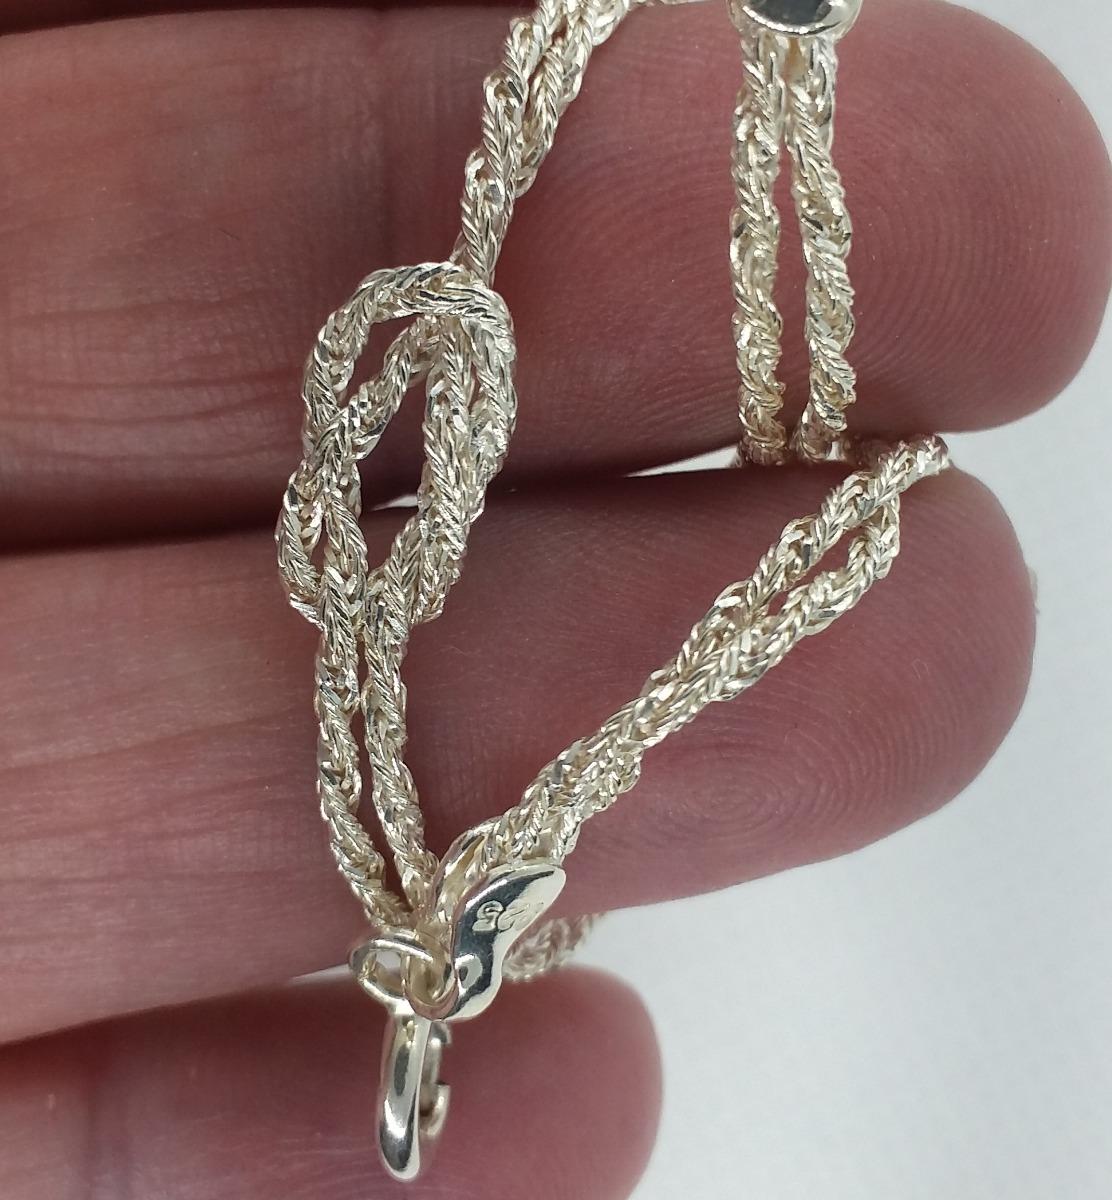 d6d94c5ce3d pulseira feminina prata 925 2 fios com nó promoção. Carregando zoom.